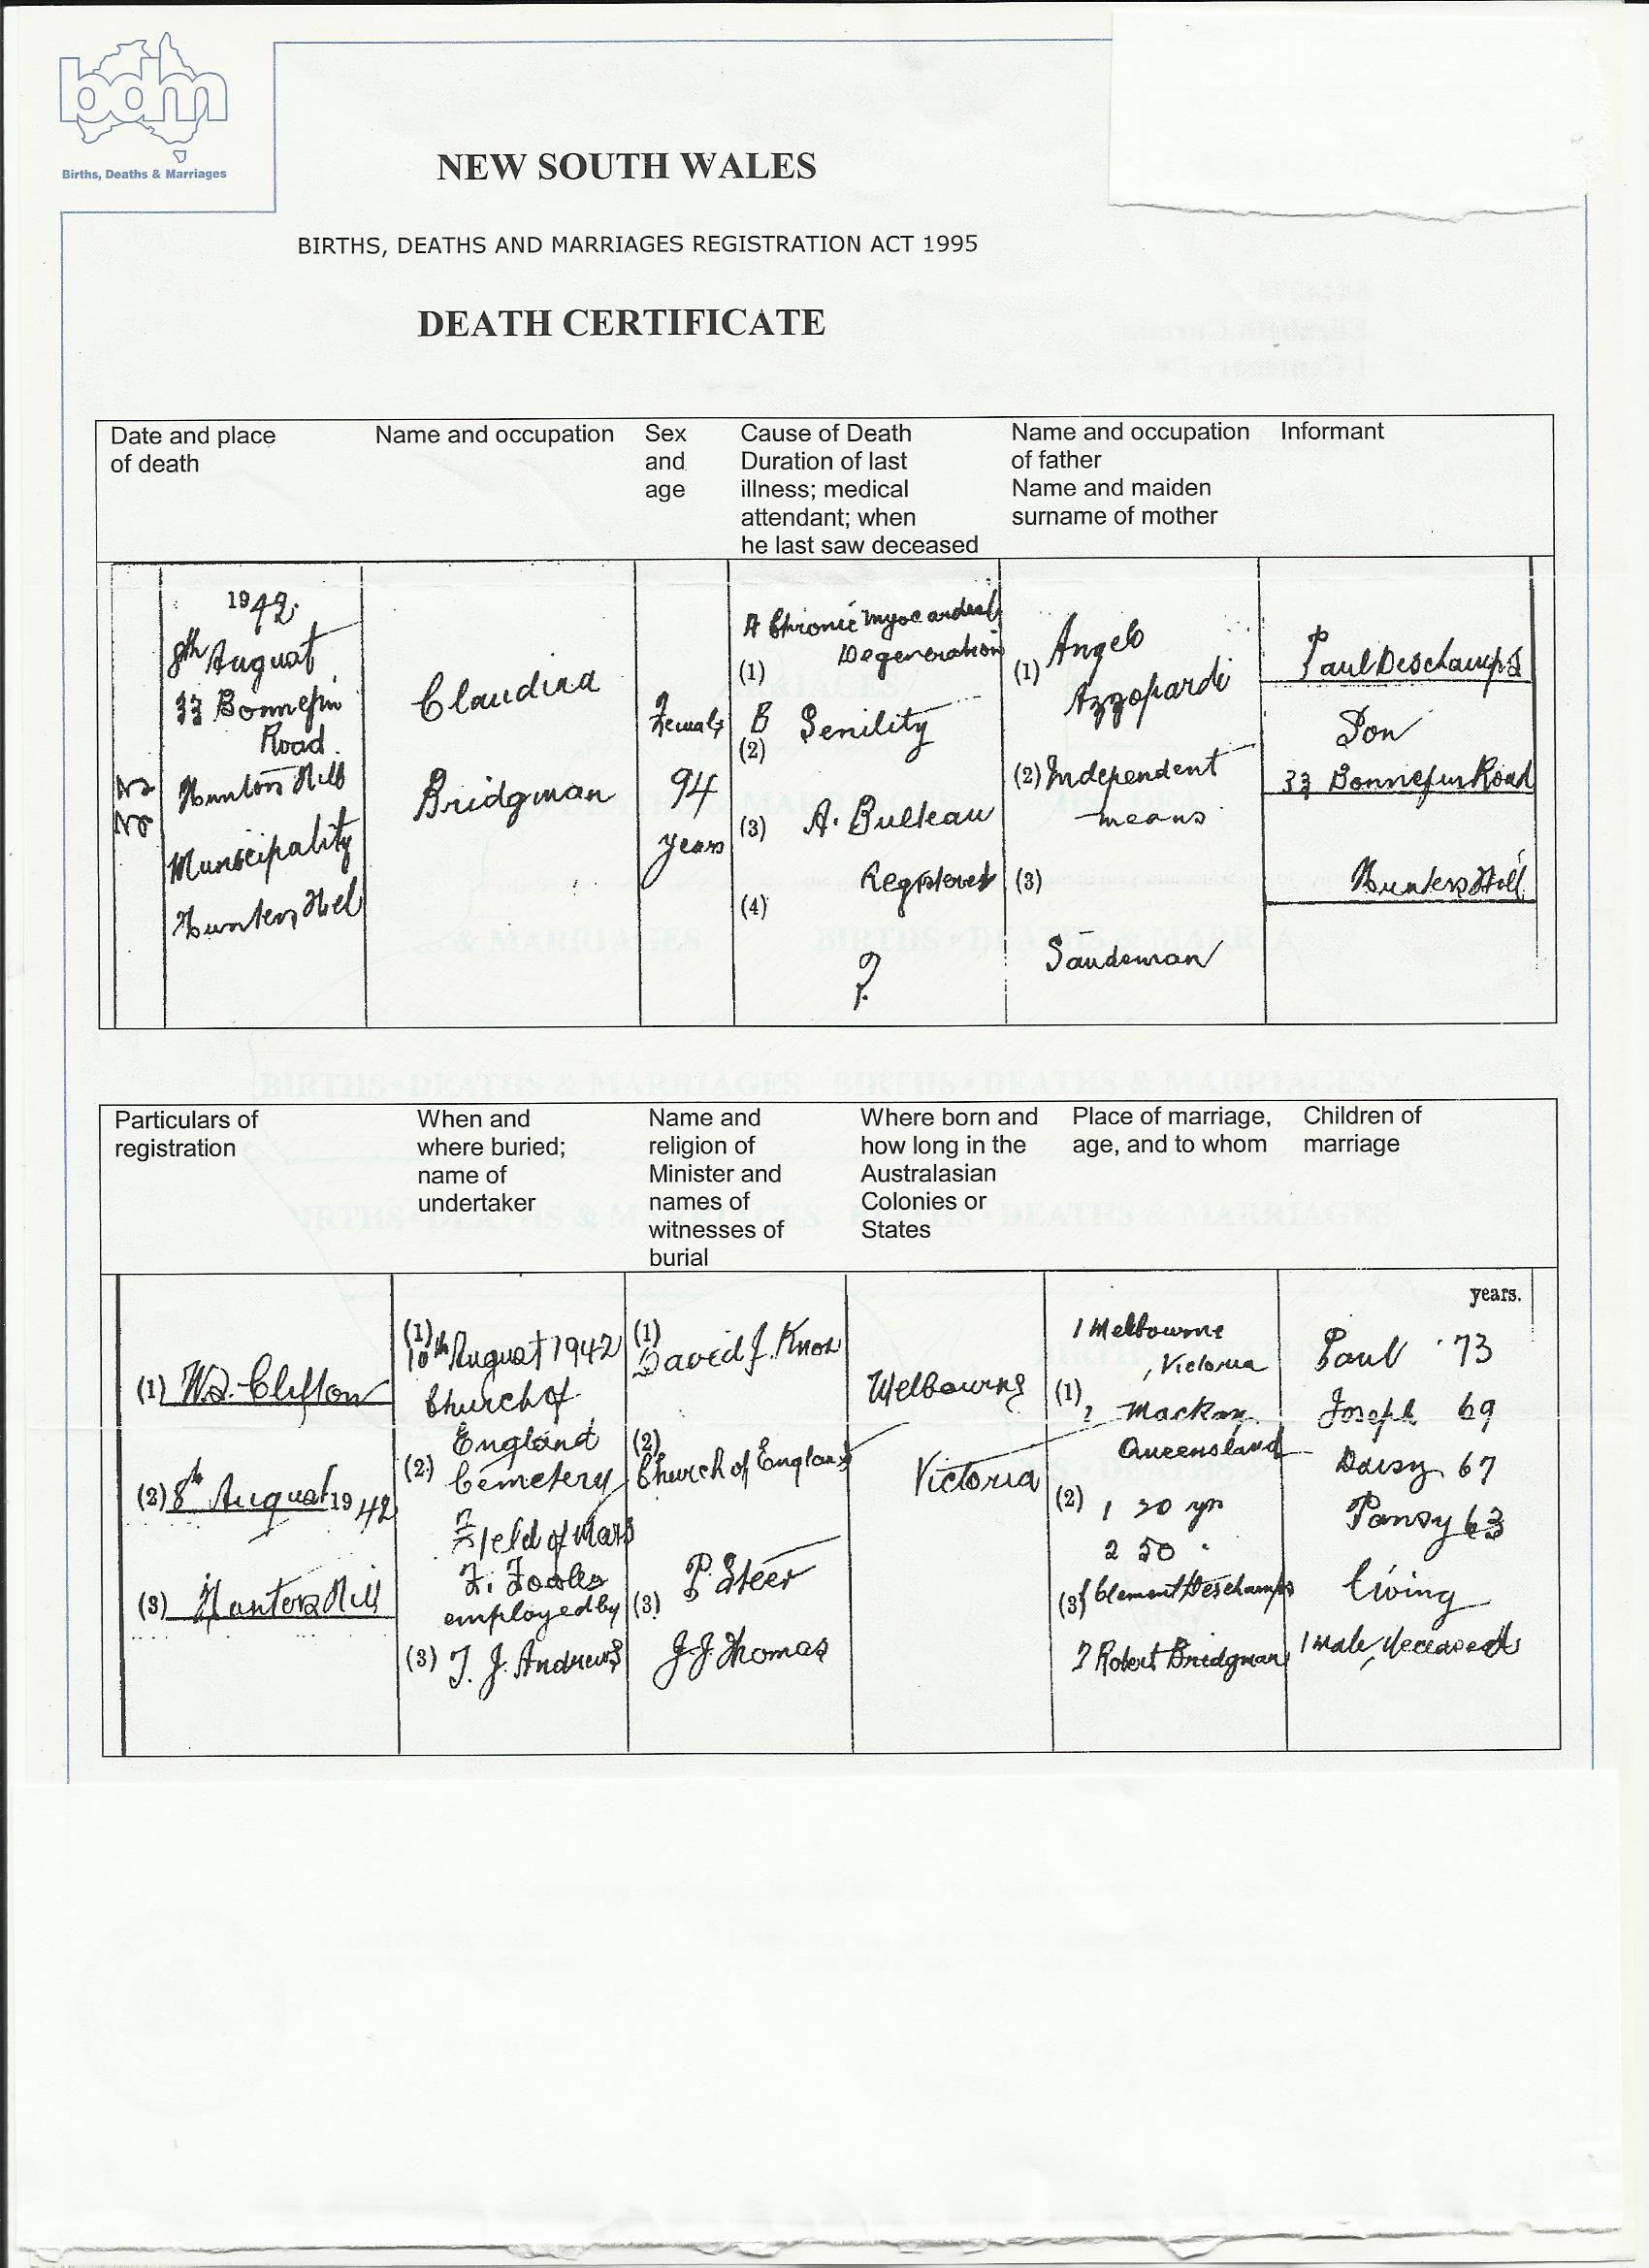 Death certificate of claudina sandeman bridgman mackay qld 1892 death certificate of claudina sandeman bridgman mackay qld 1892 deschampsmelbourne aiddatafo Choice Image